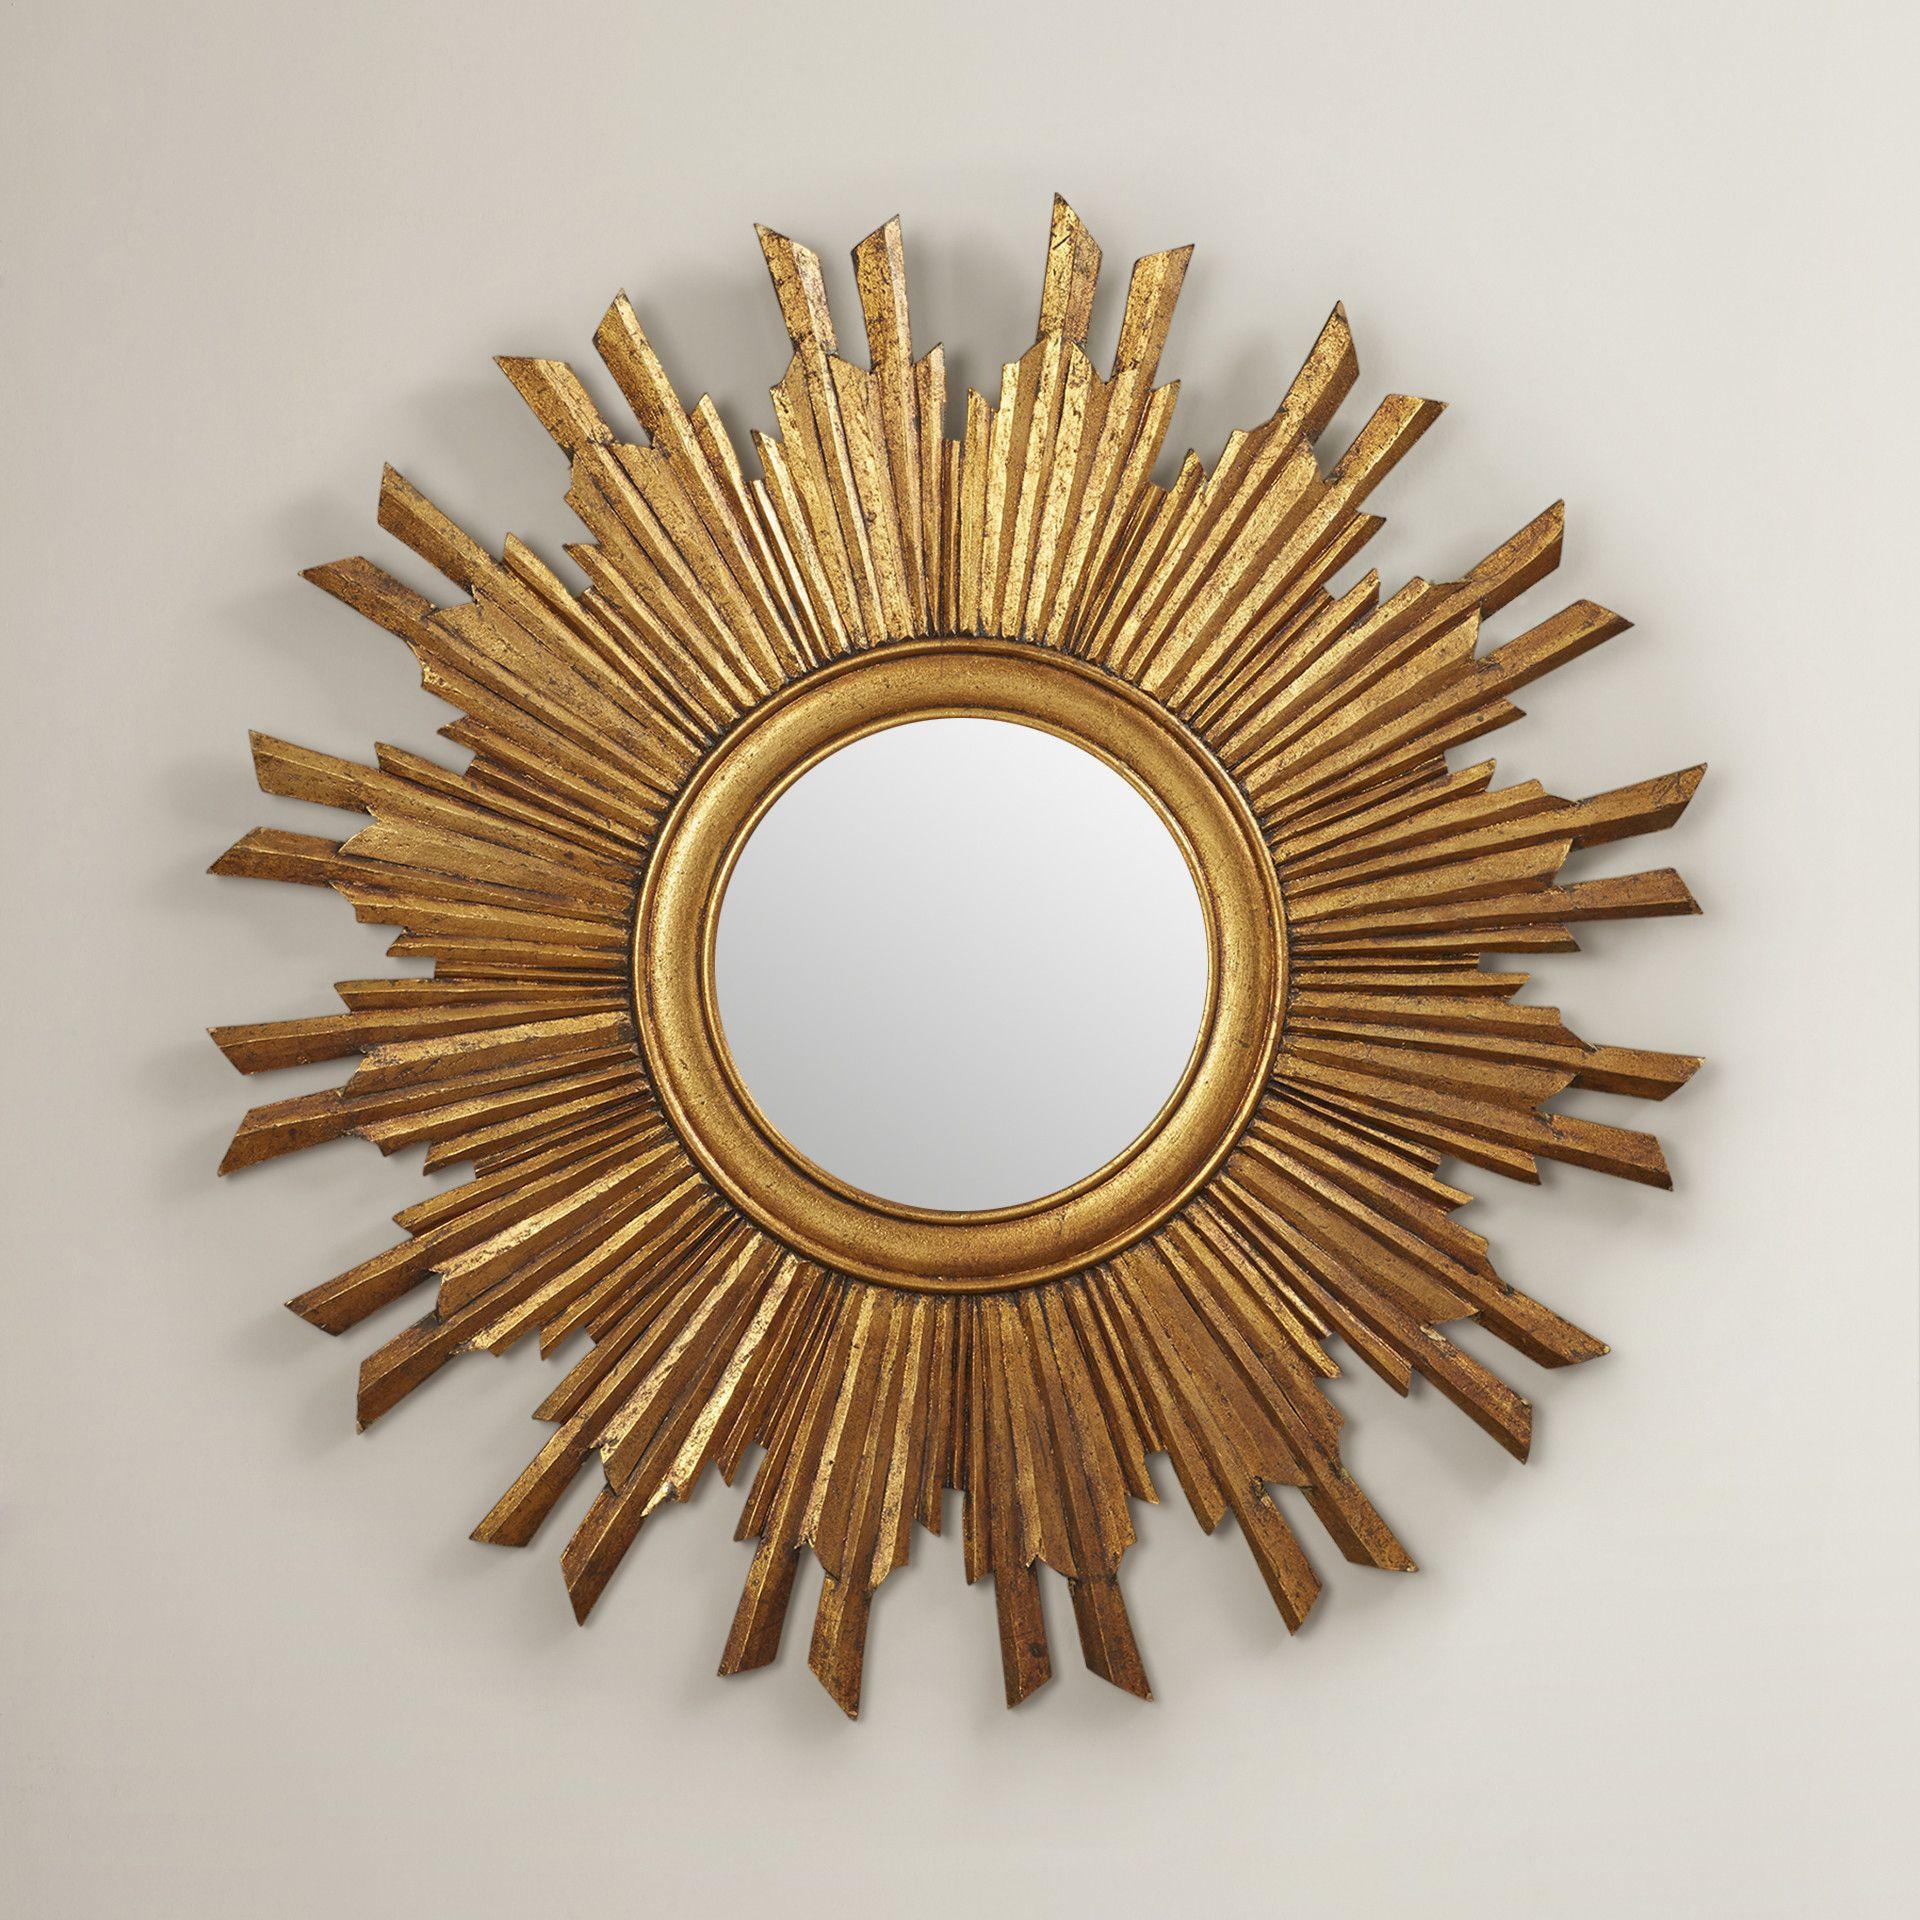 Unique Wayfair Sunburst Mirror – Furnitureinredsea With Regard To Brylee Traditional Sunburst Mirrors (View 20 of 20)